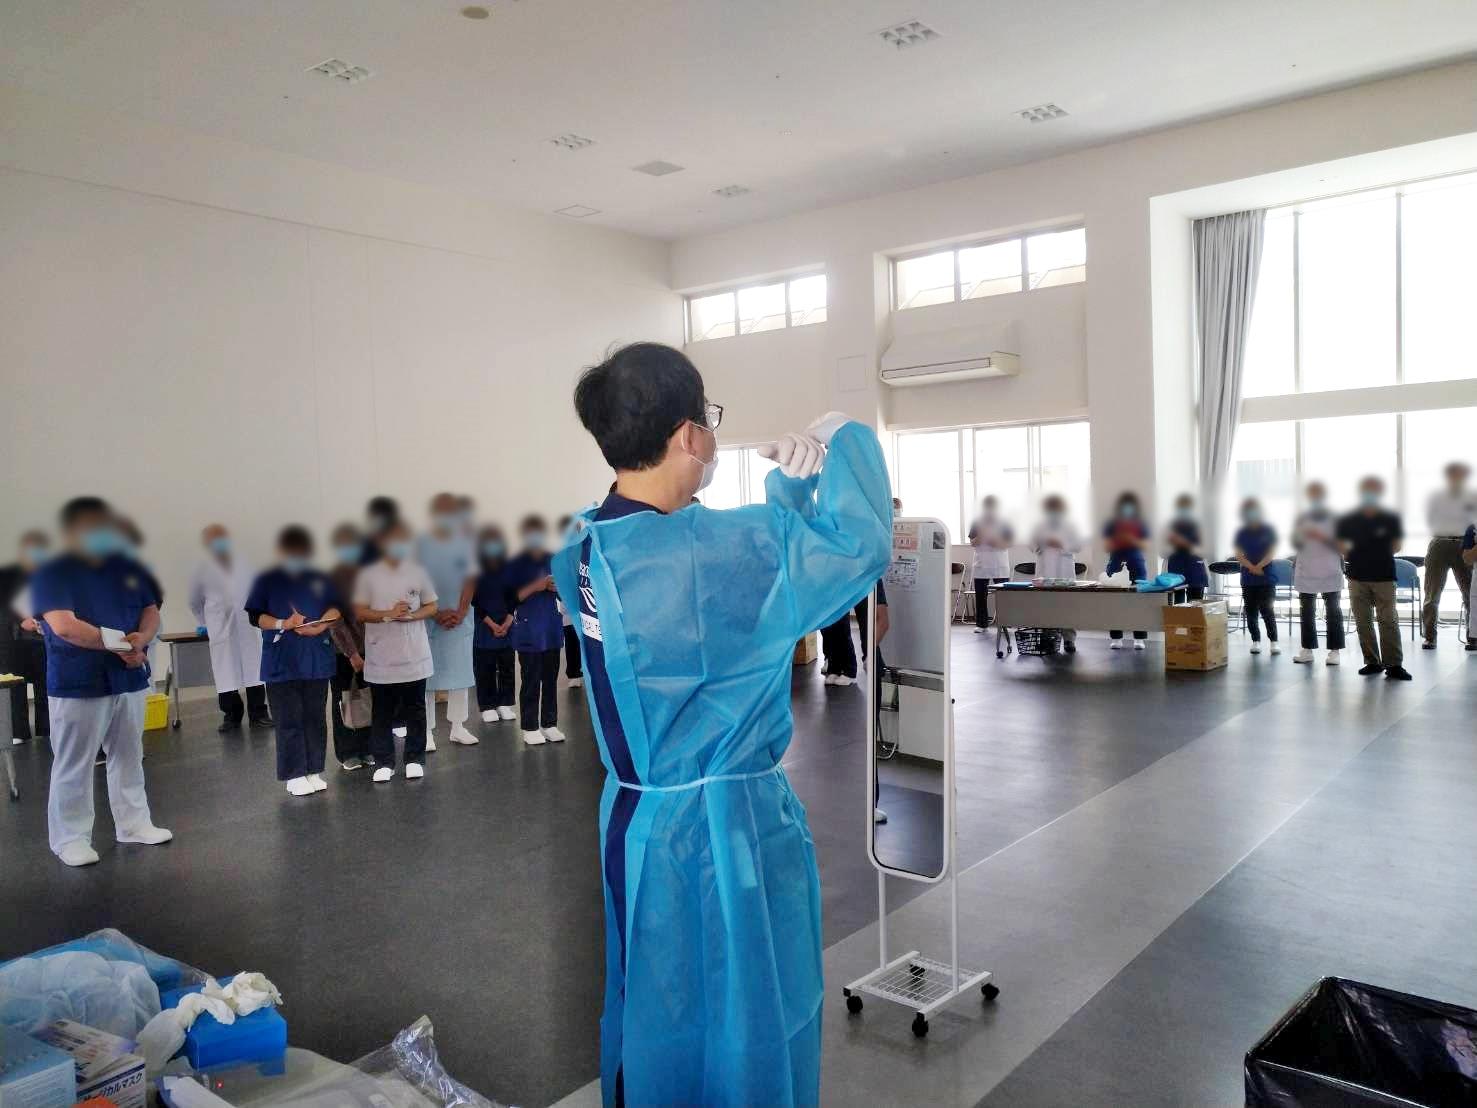 【新型コロナウイルス緊急支援】クラスターが発生した兵庫県・愛媛県へ医療チームを派遣